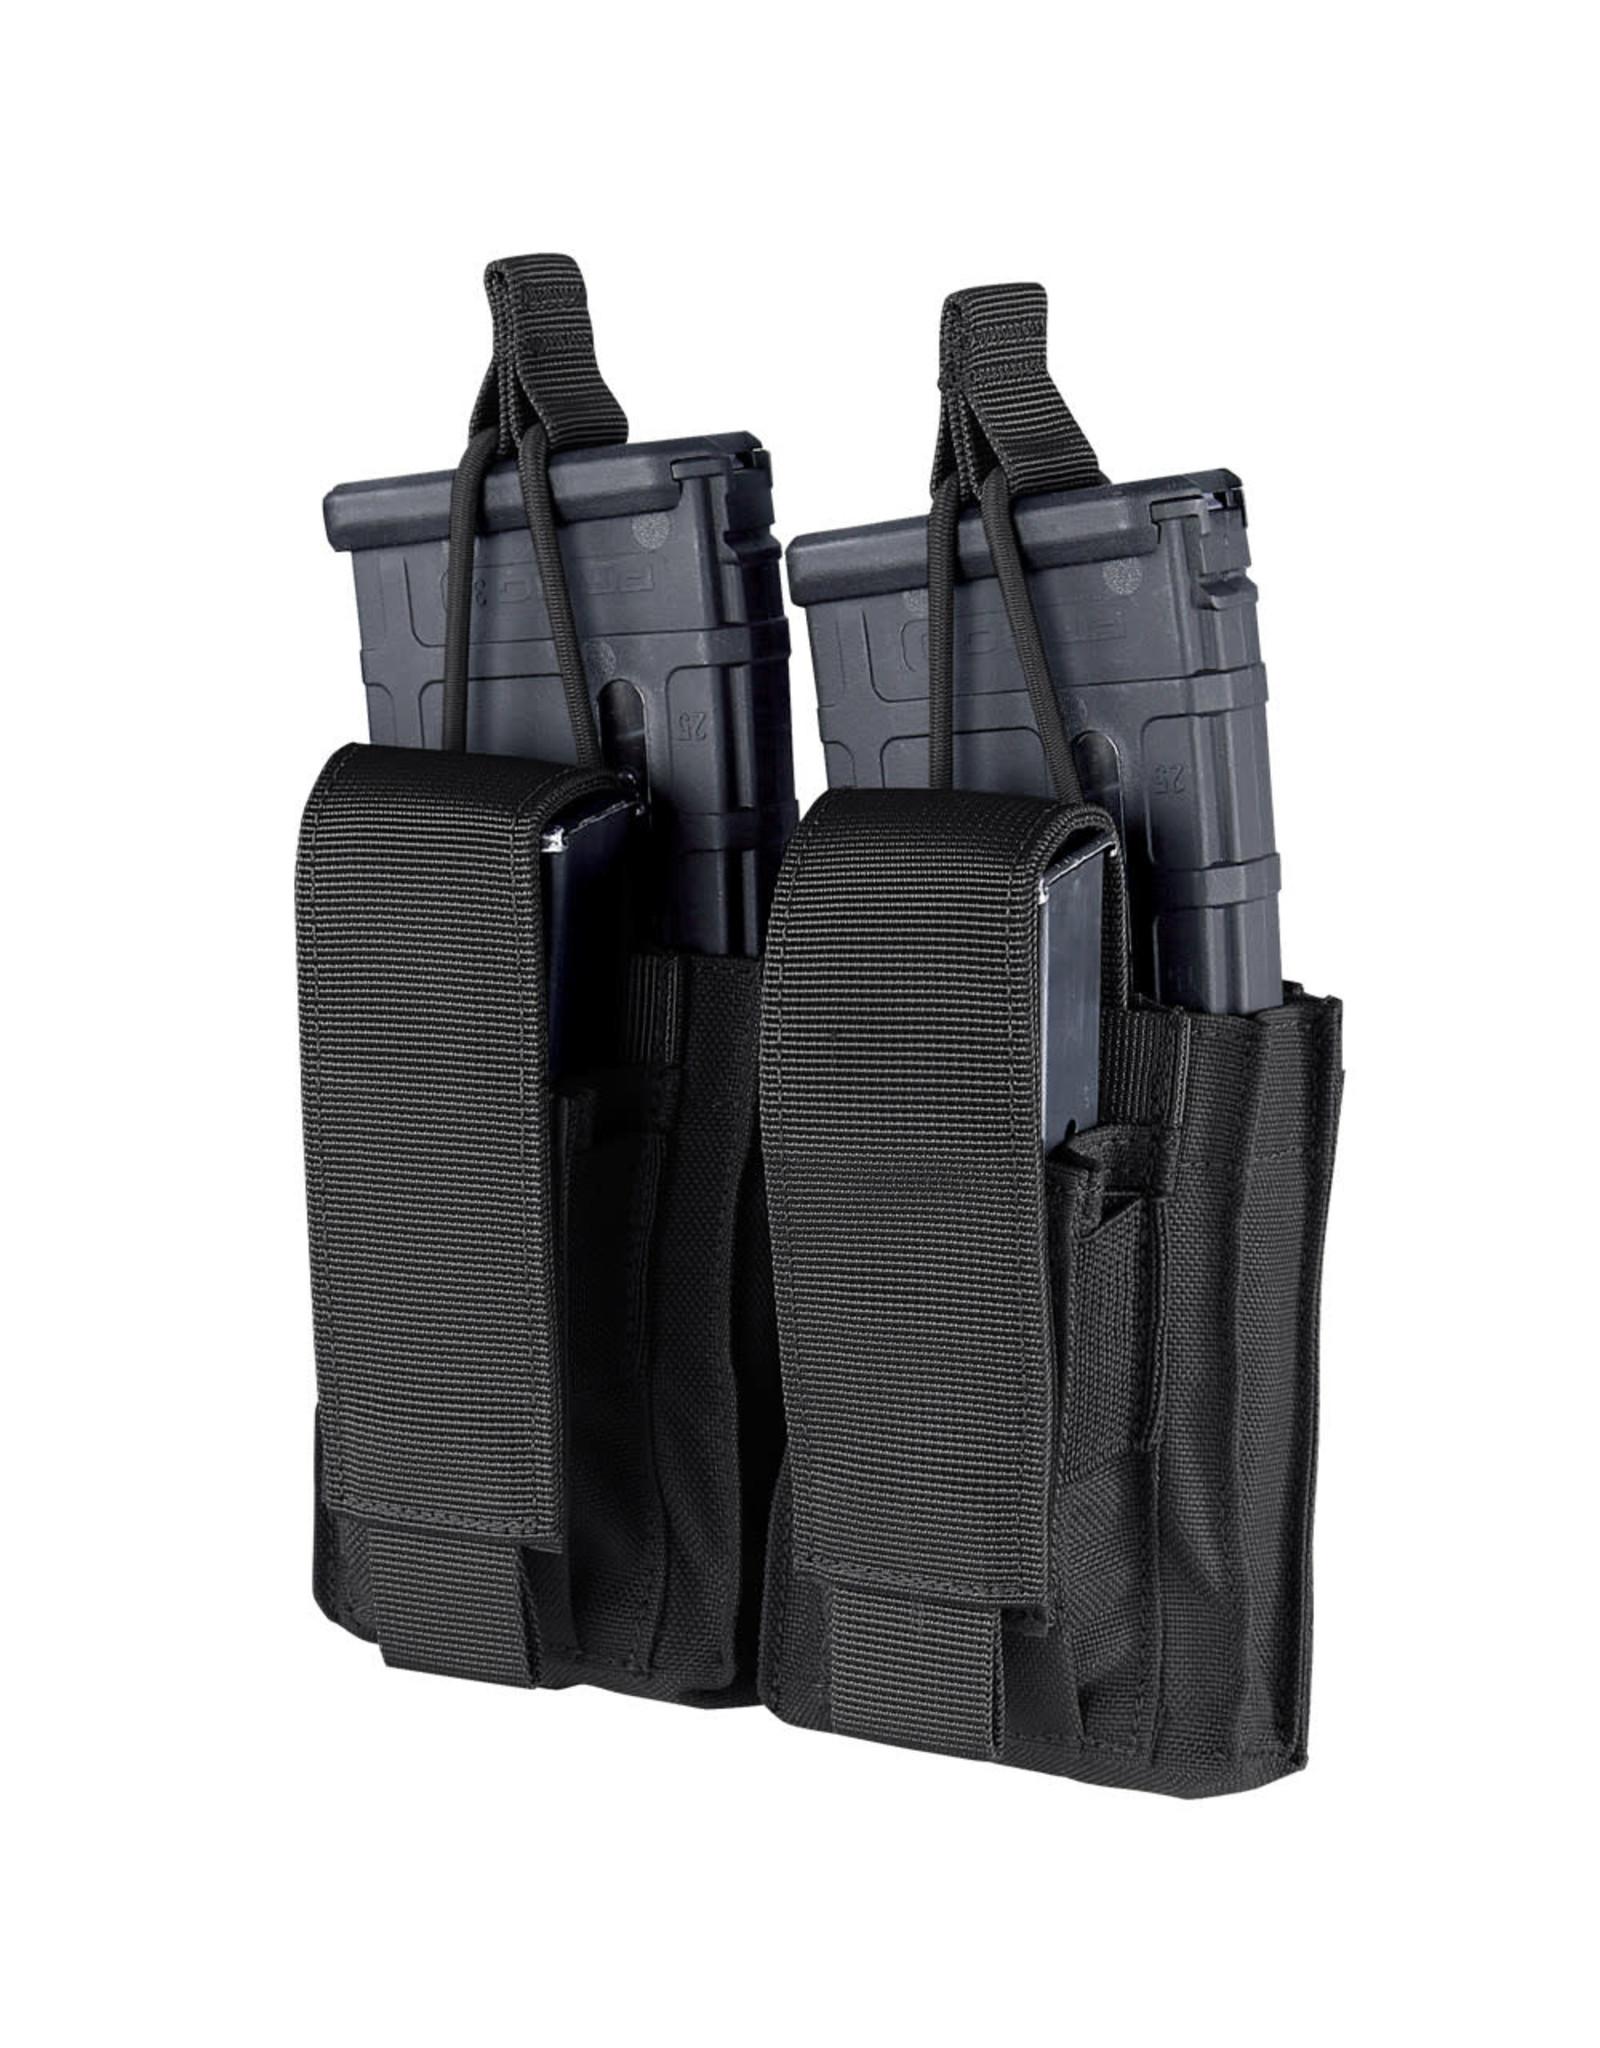 Double AK Kangaroo Mag Pouch - Black